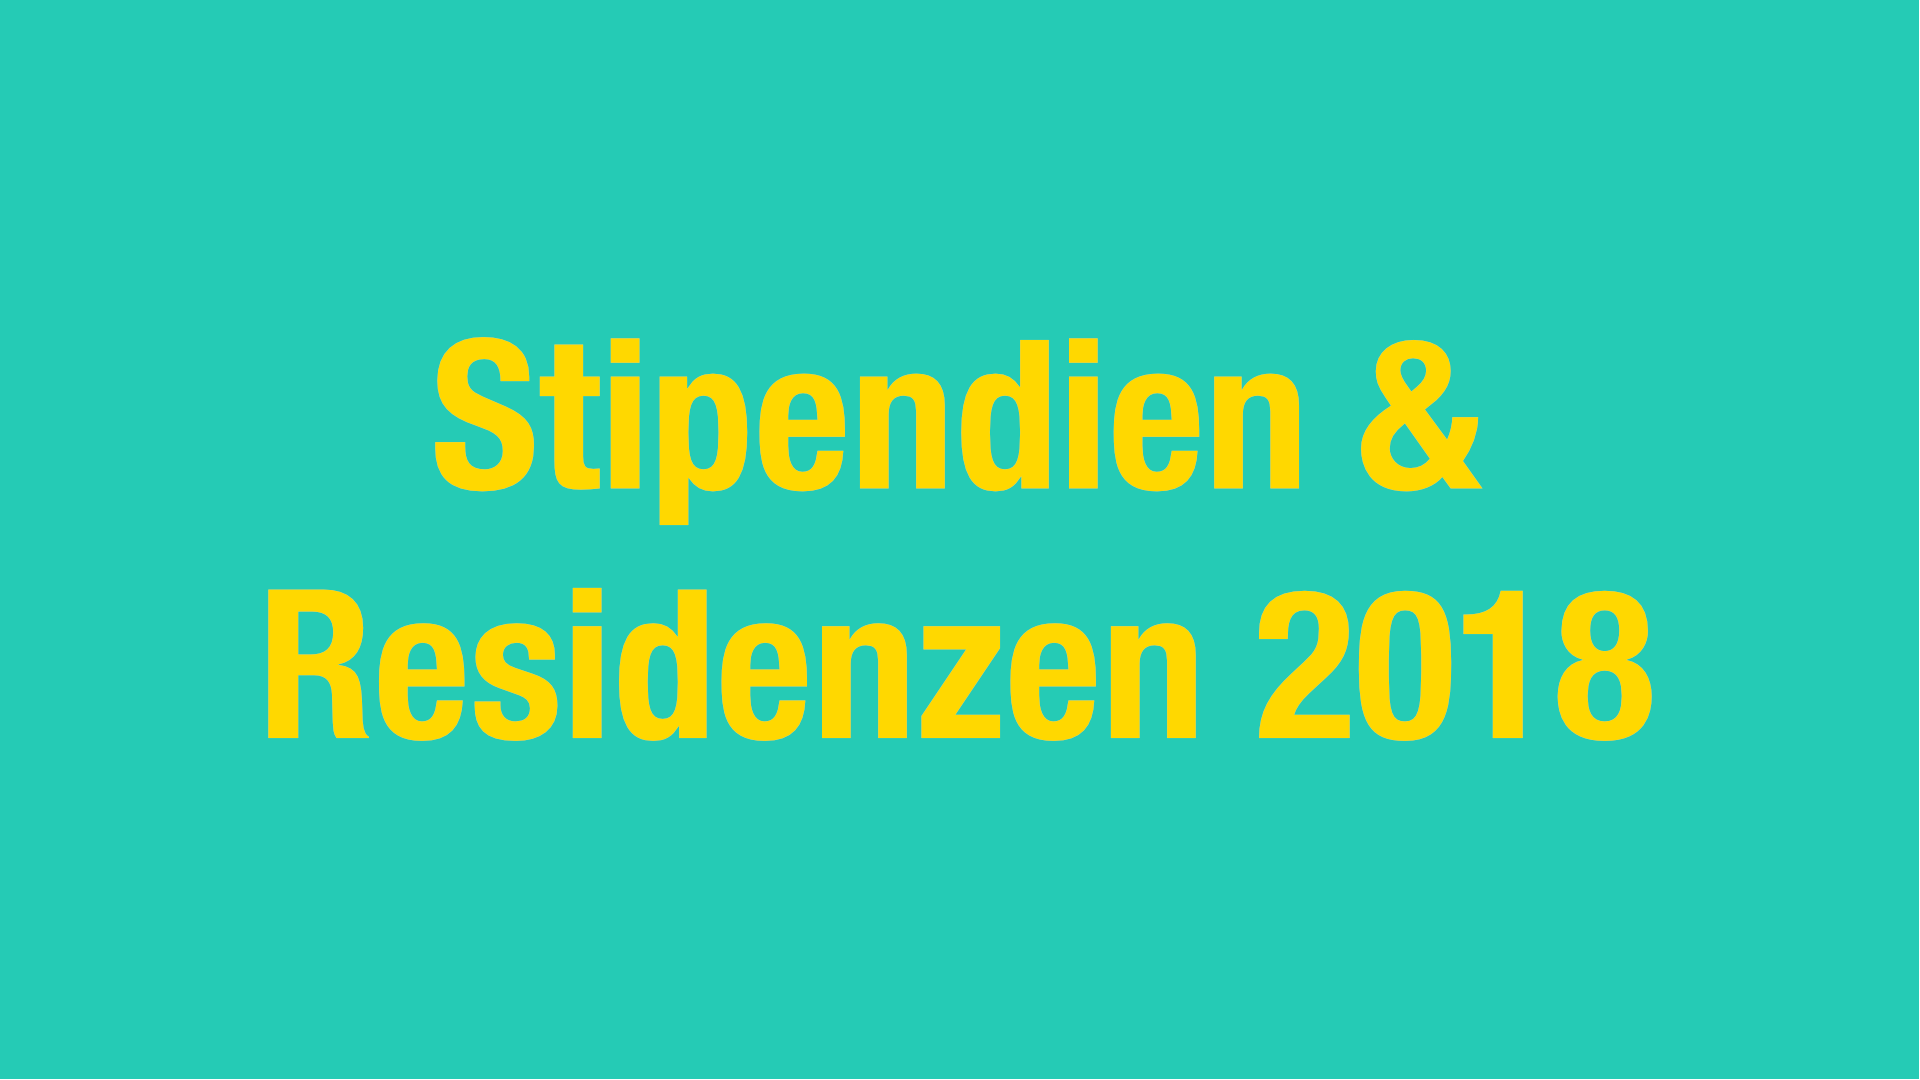 Stipendien & Residenzen 2018